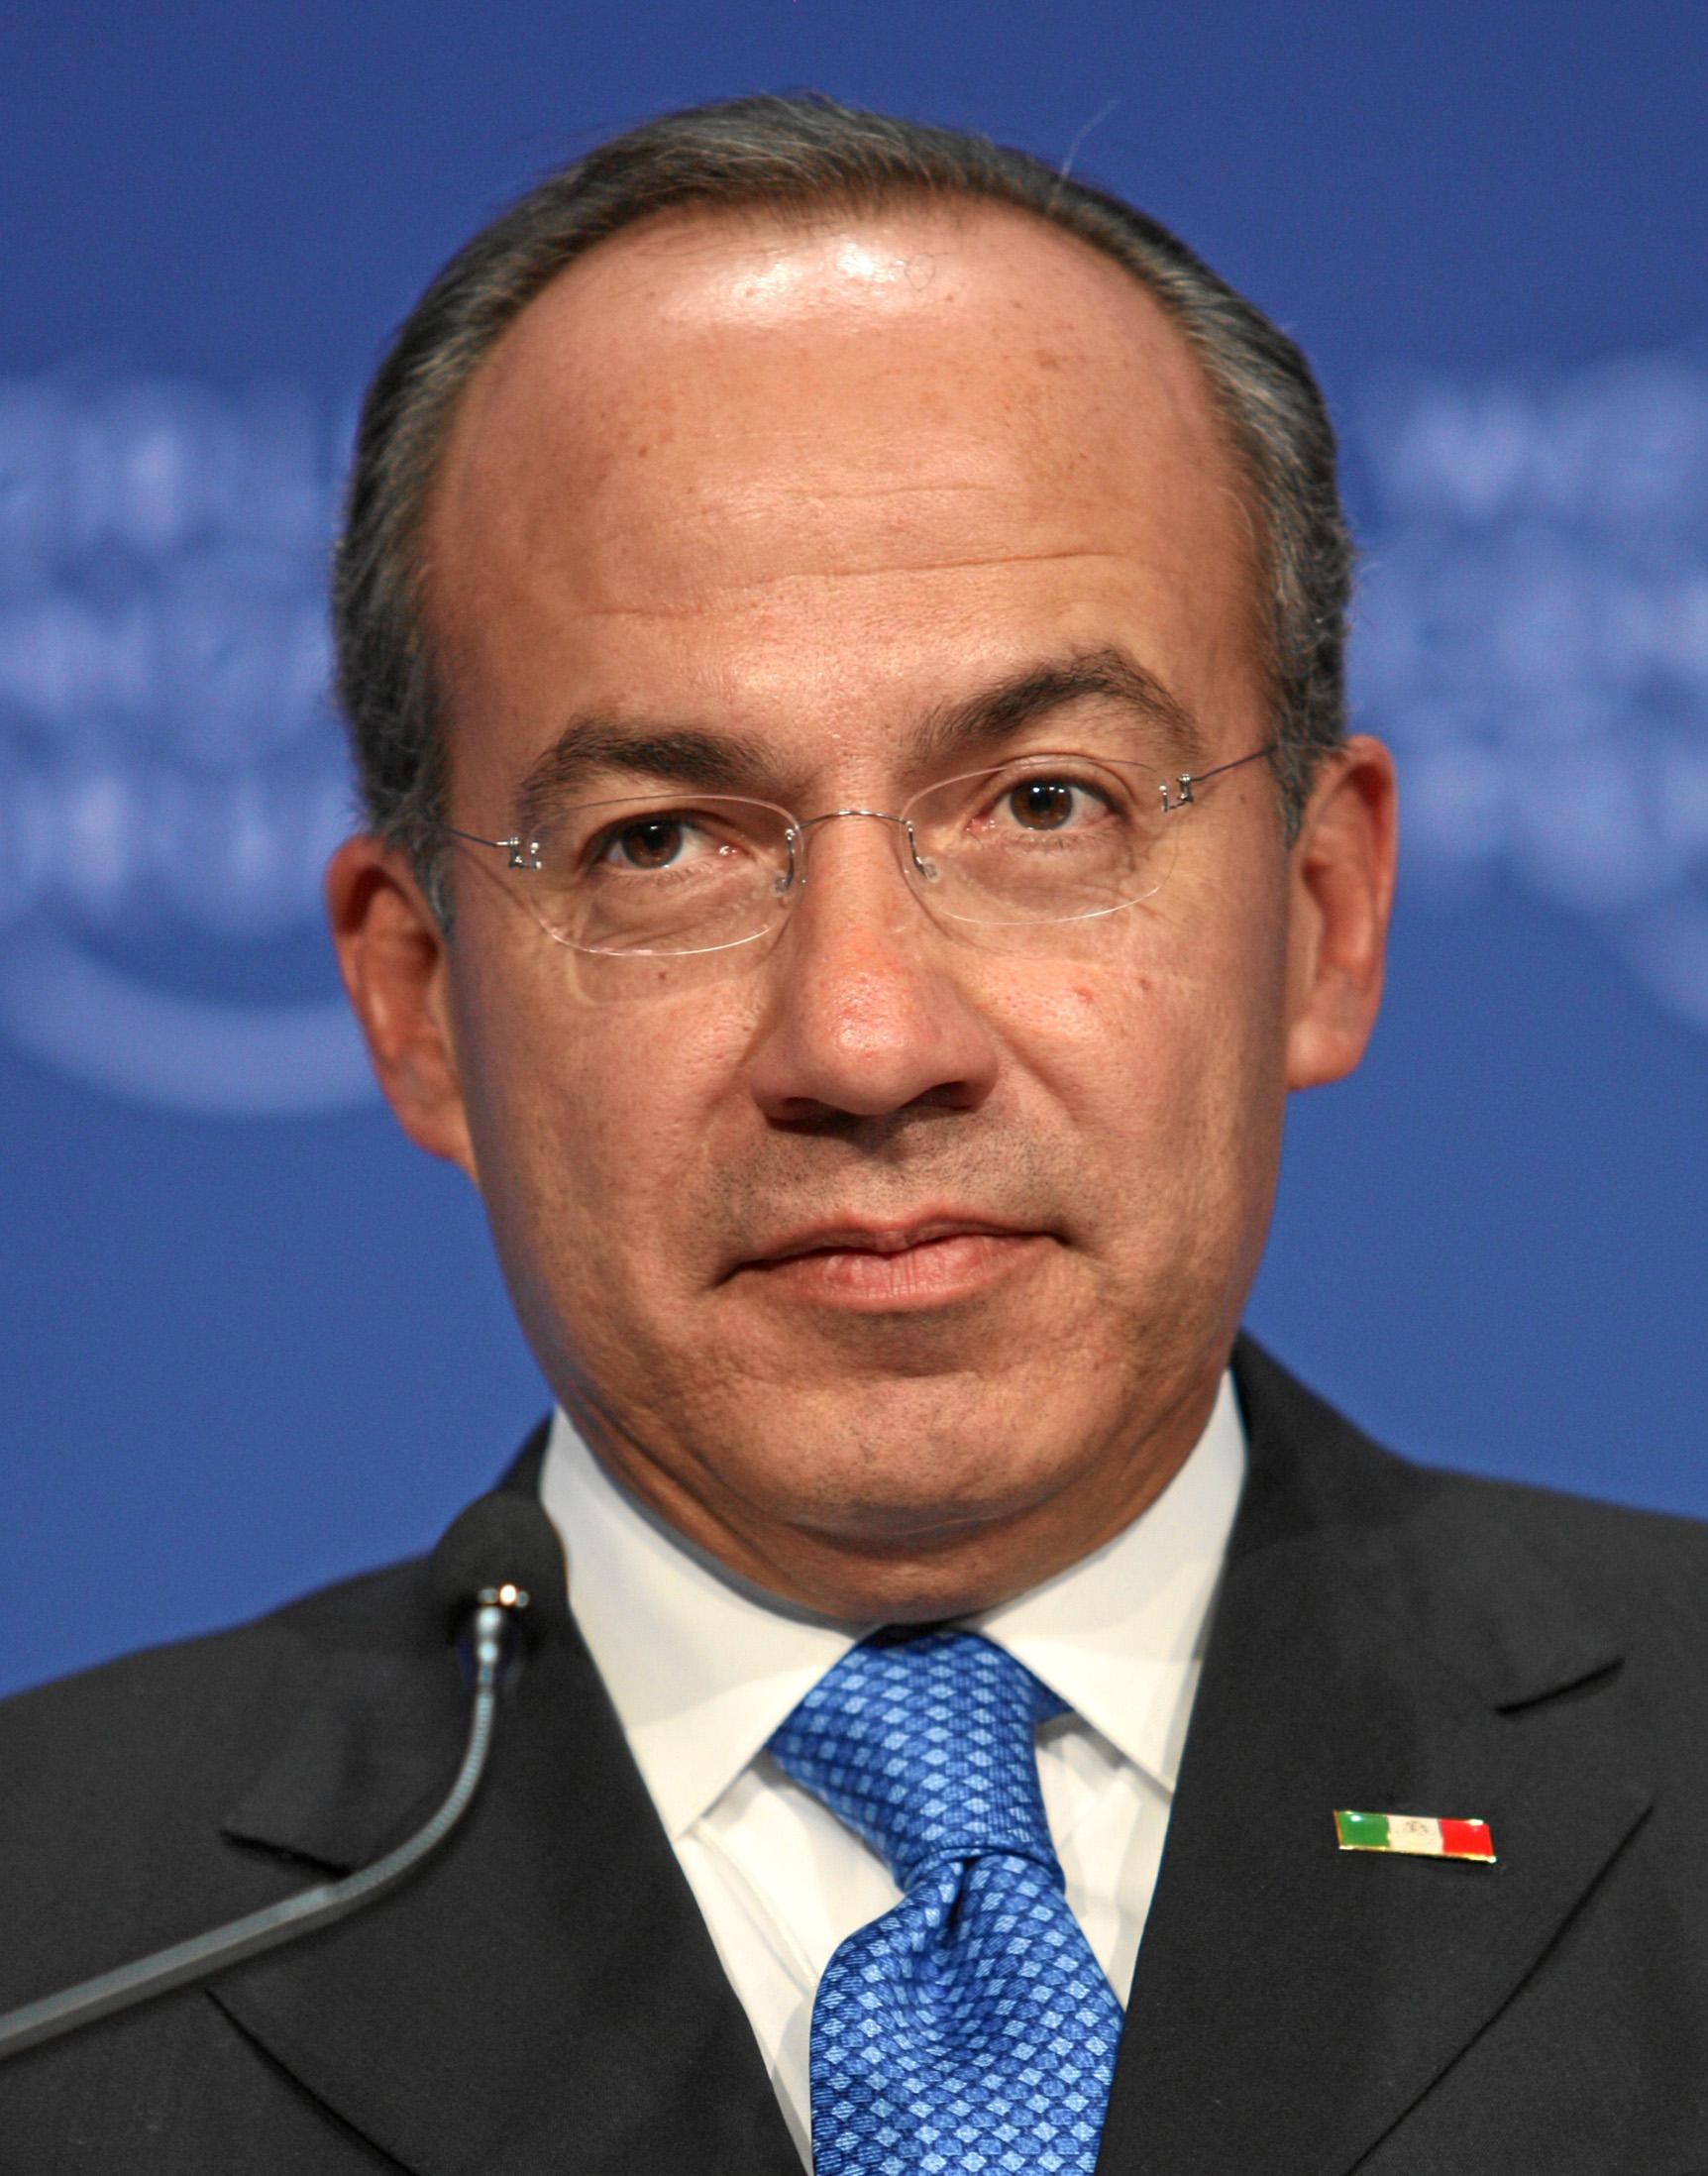 Veja o que saiu no Migalhas sobre Felipe Calderón